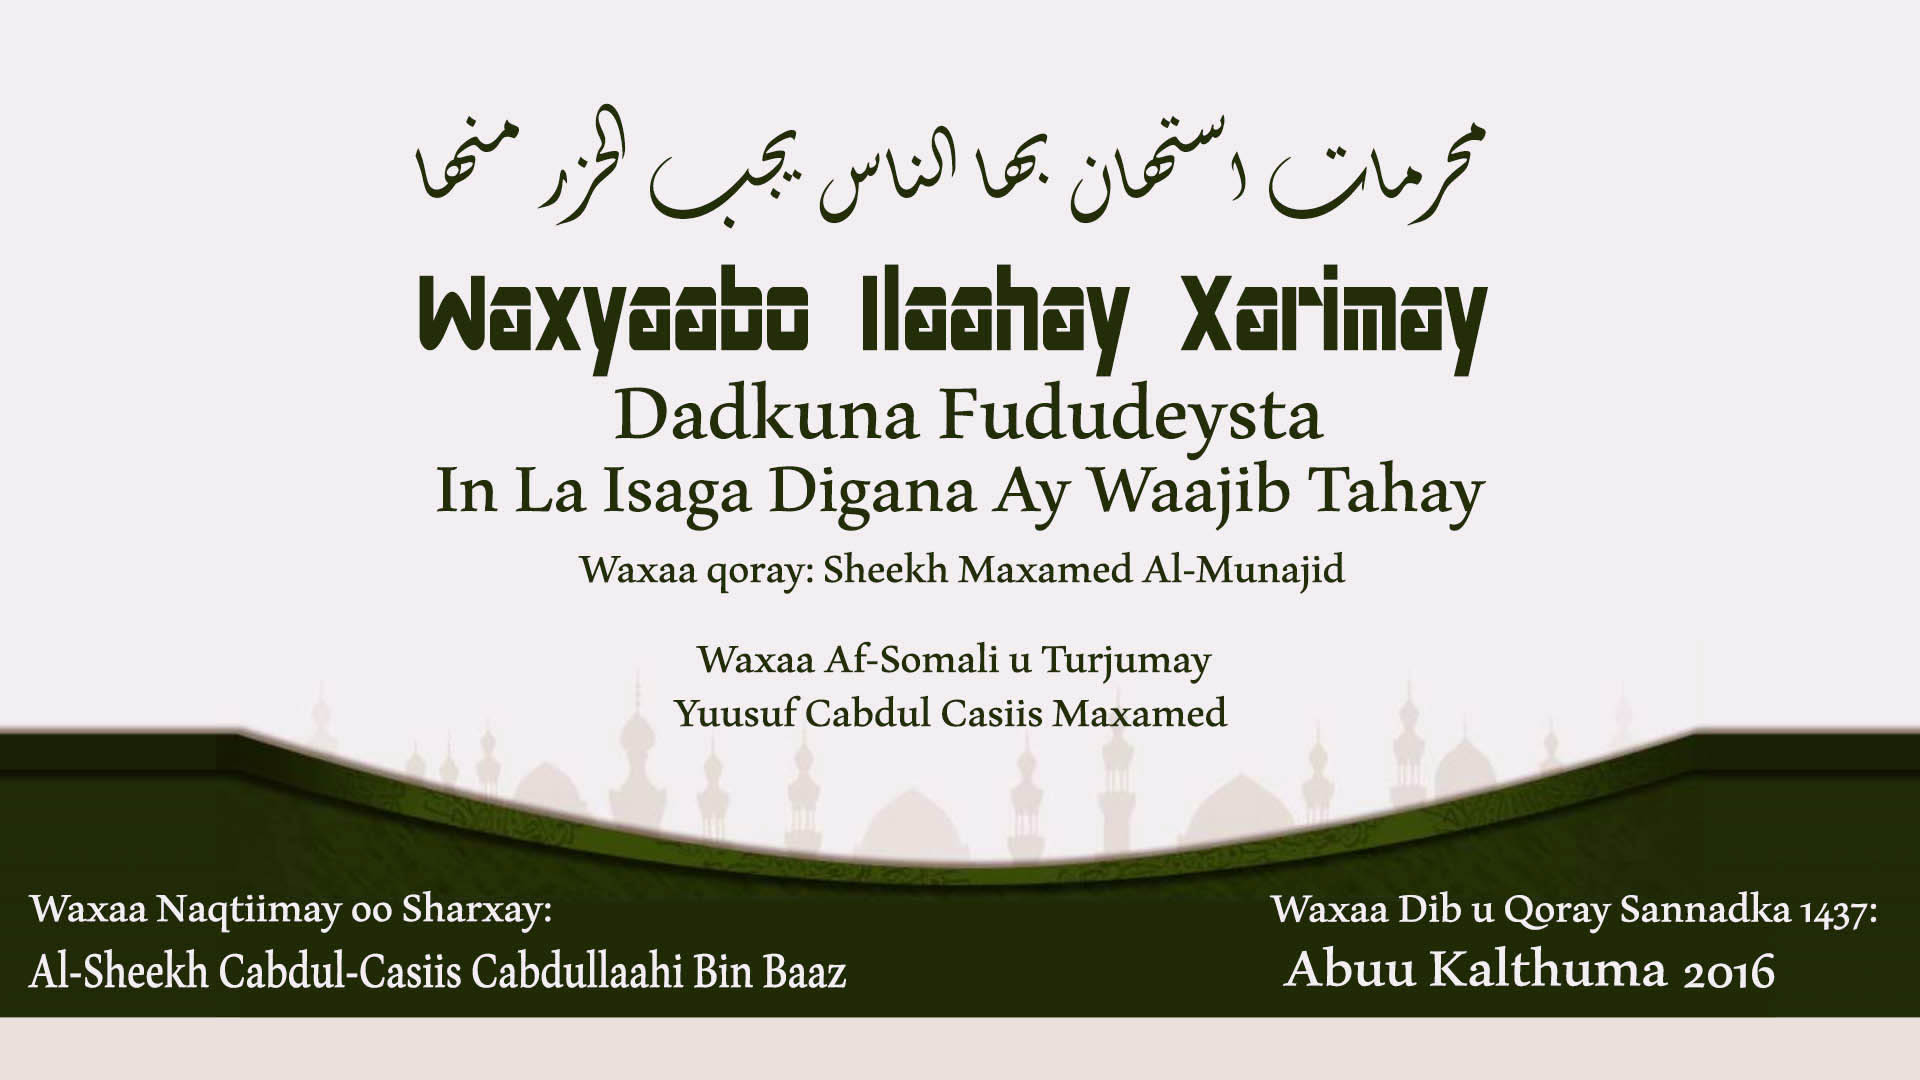 Waxyaalo Ilaahay Xarrimay Dadkuna Fududeysteen – Qaybta 1aad